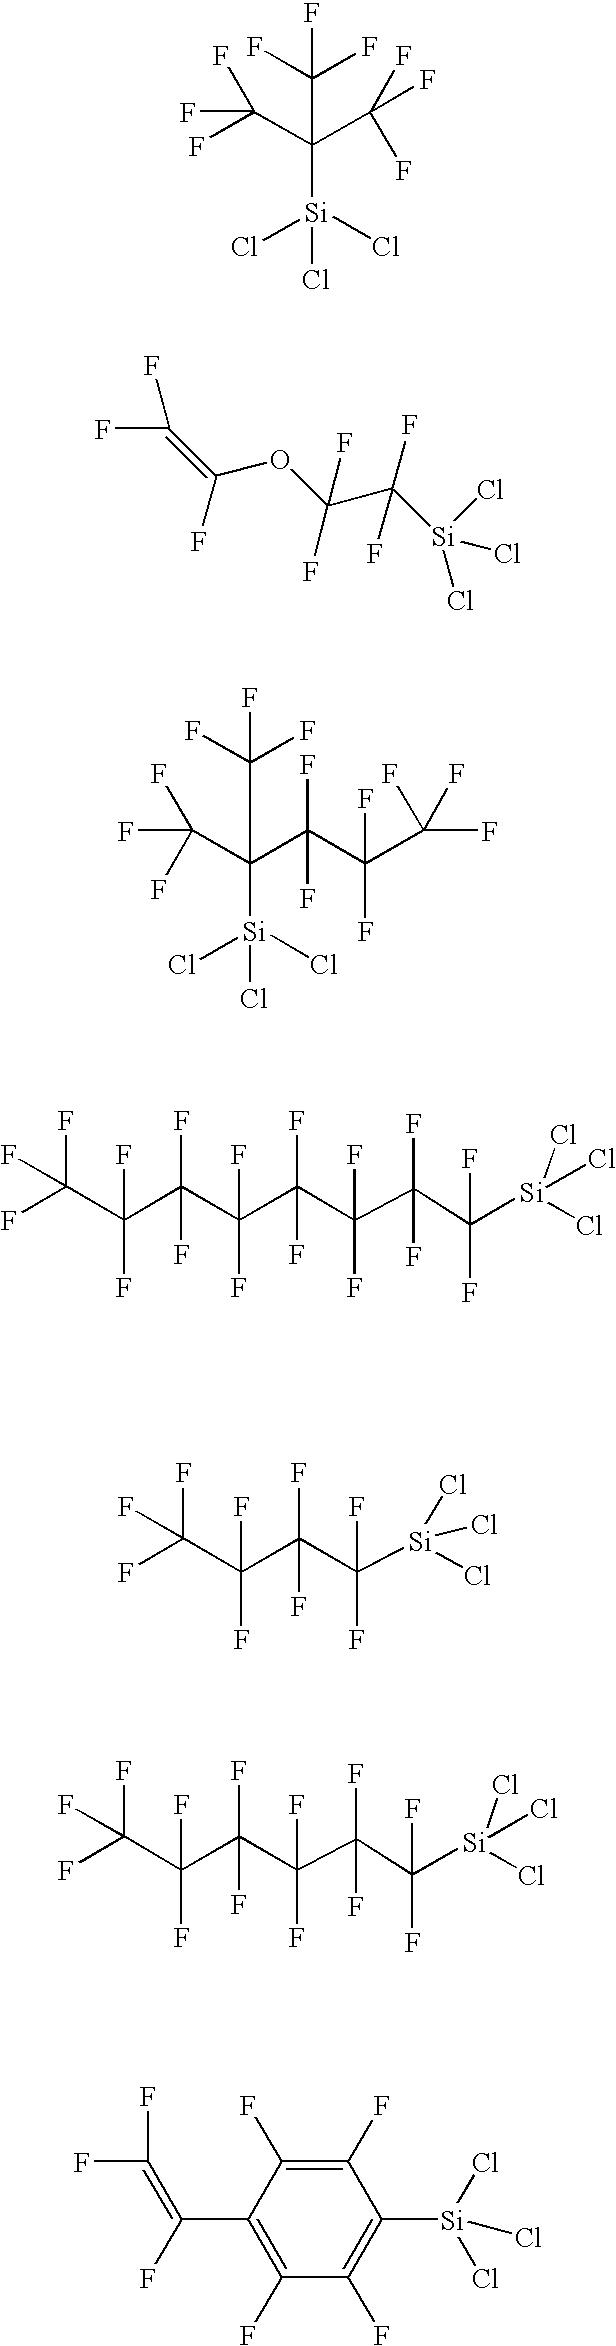 Figure US20030231851A1-20031218-C00007